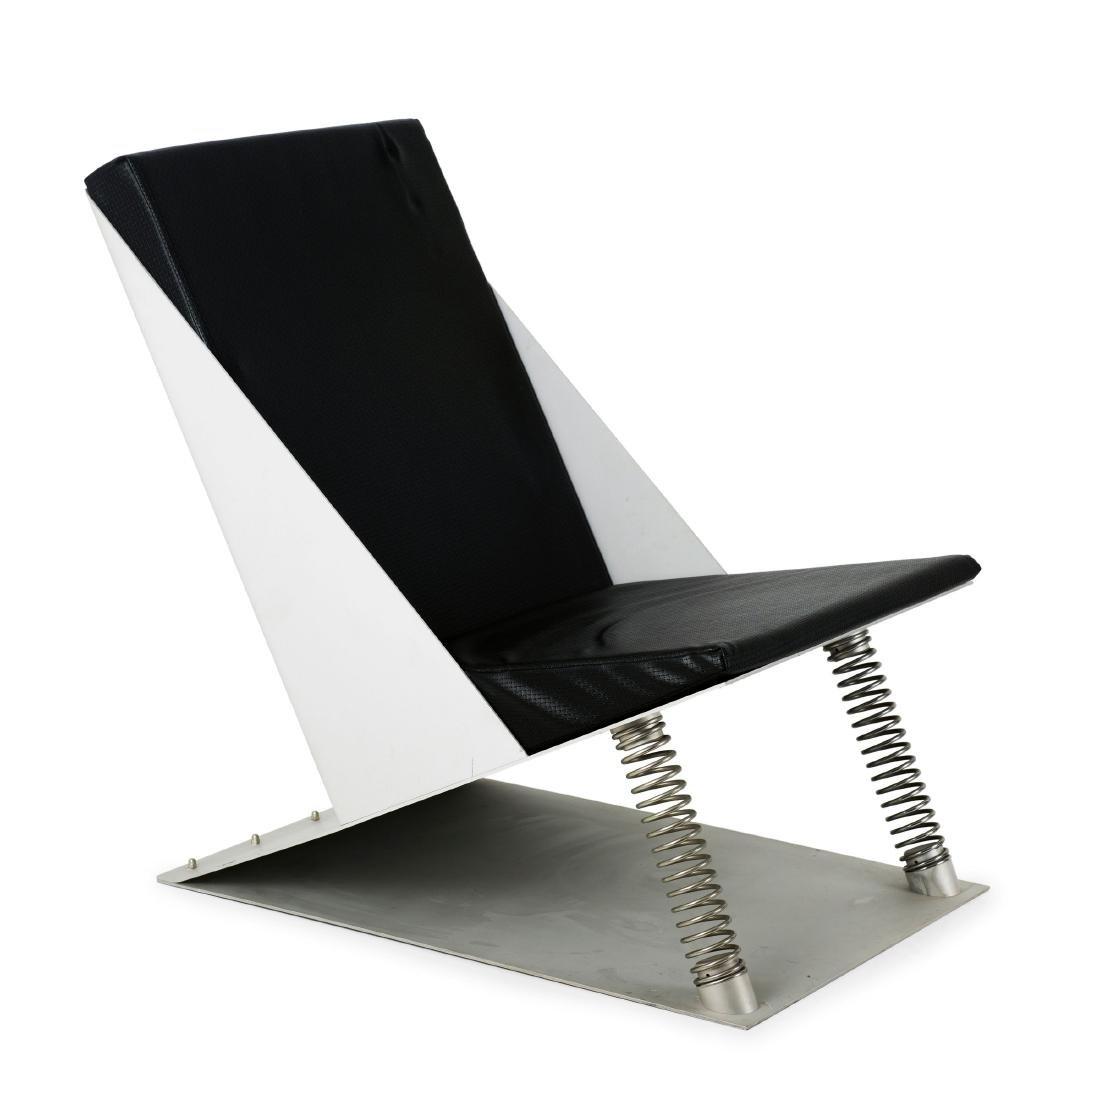 'Schleudersitz' easy chair, 1984/85